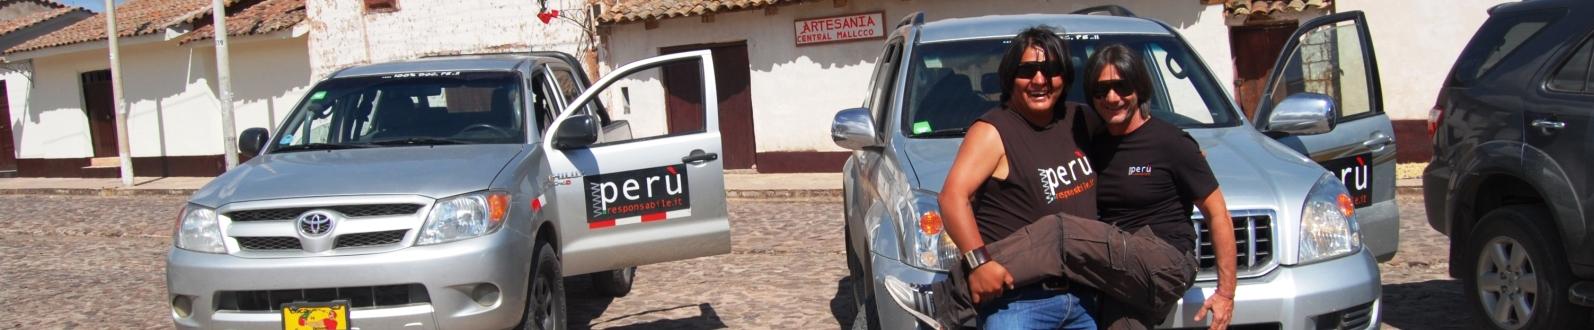 4x4 in Peru  apurimac